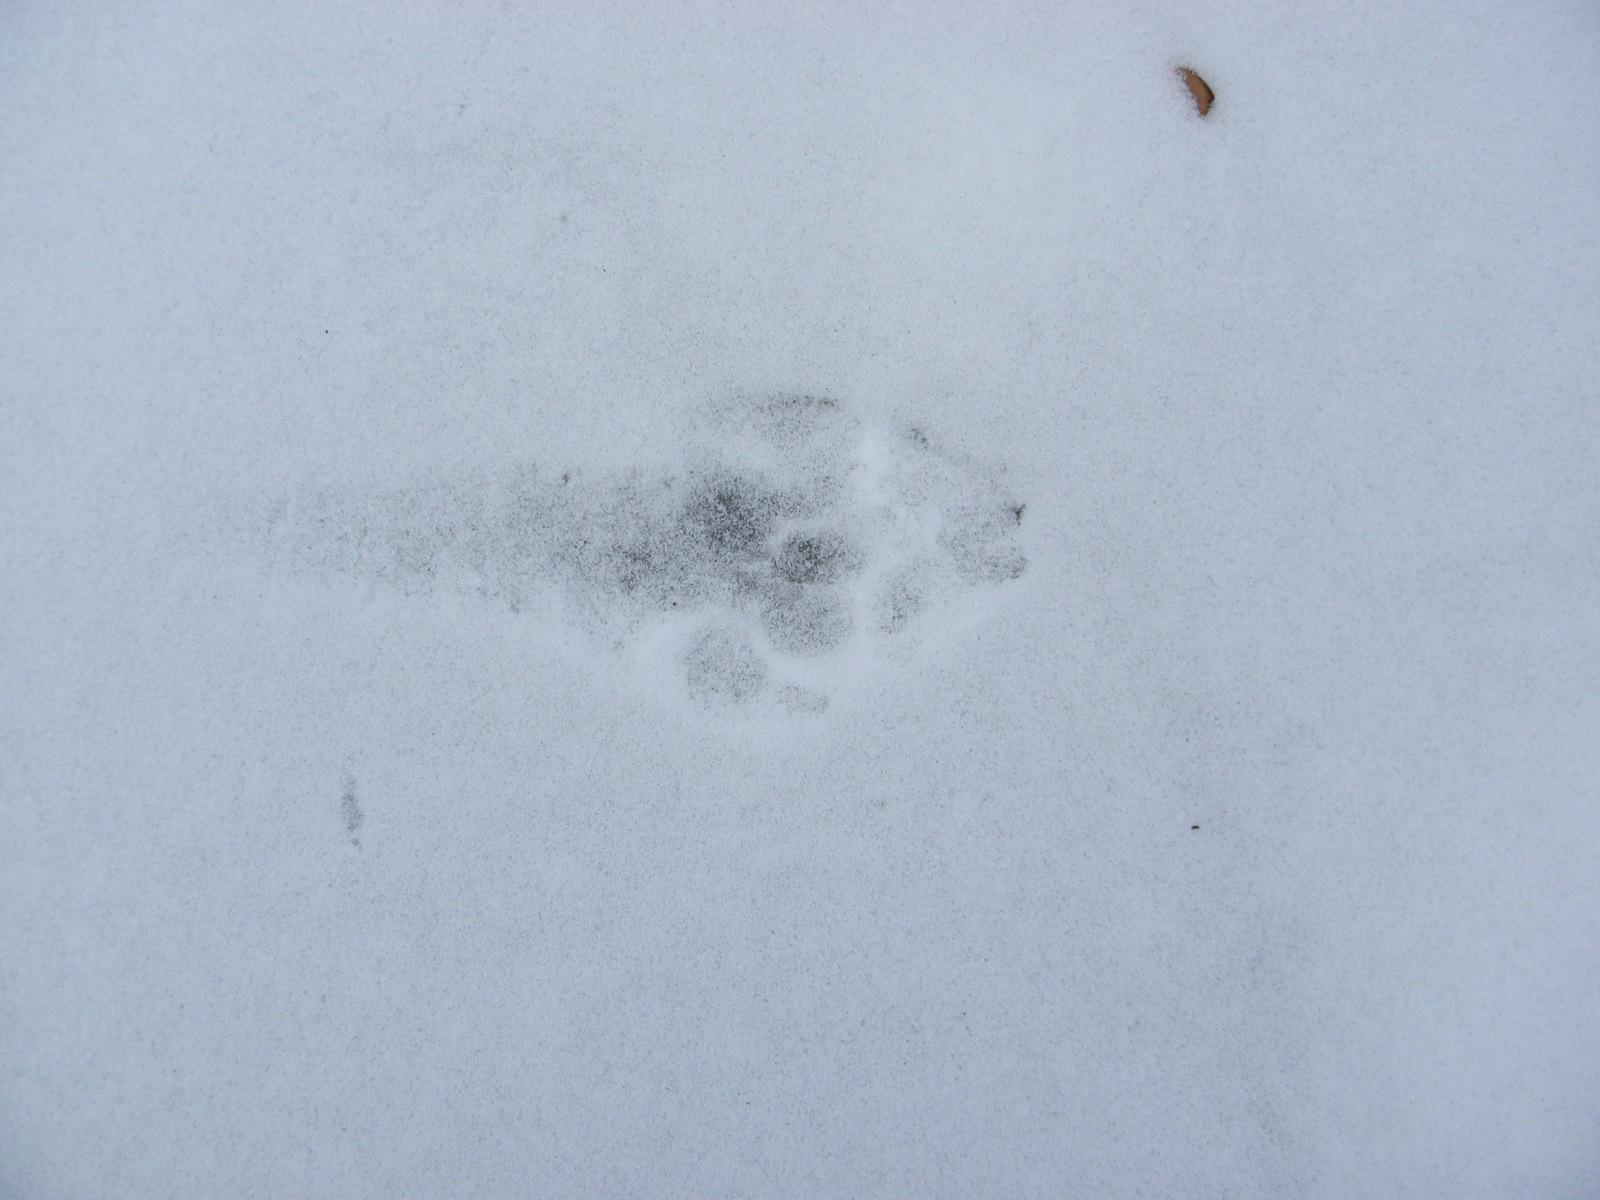 правильно след волка на снегу фото рюноскэ, биография